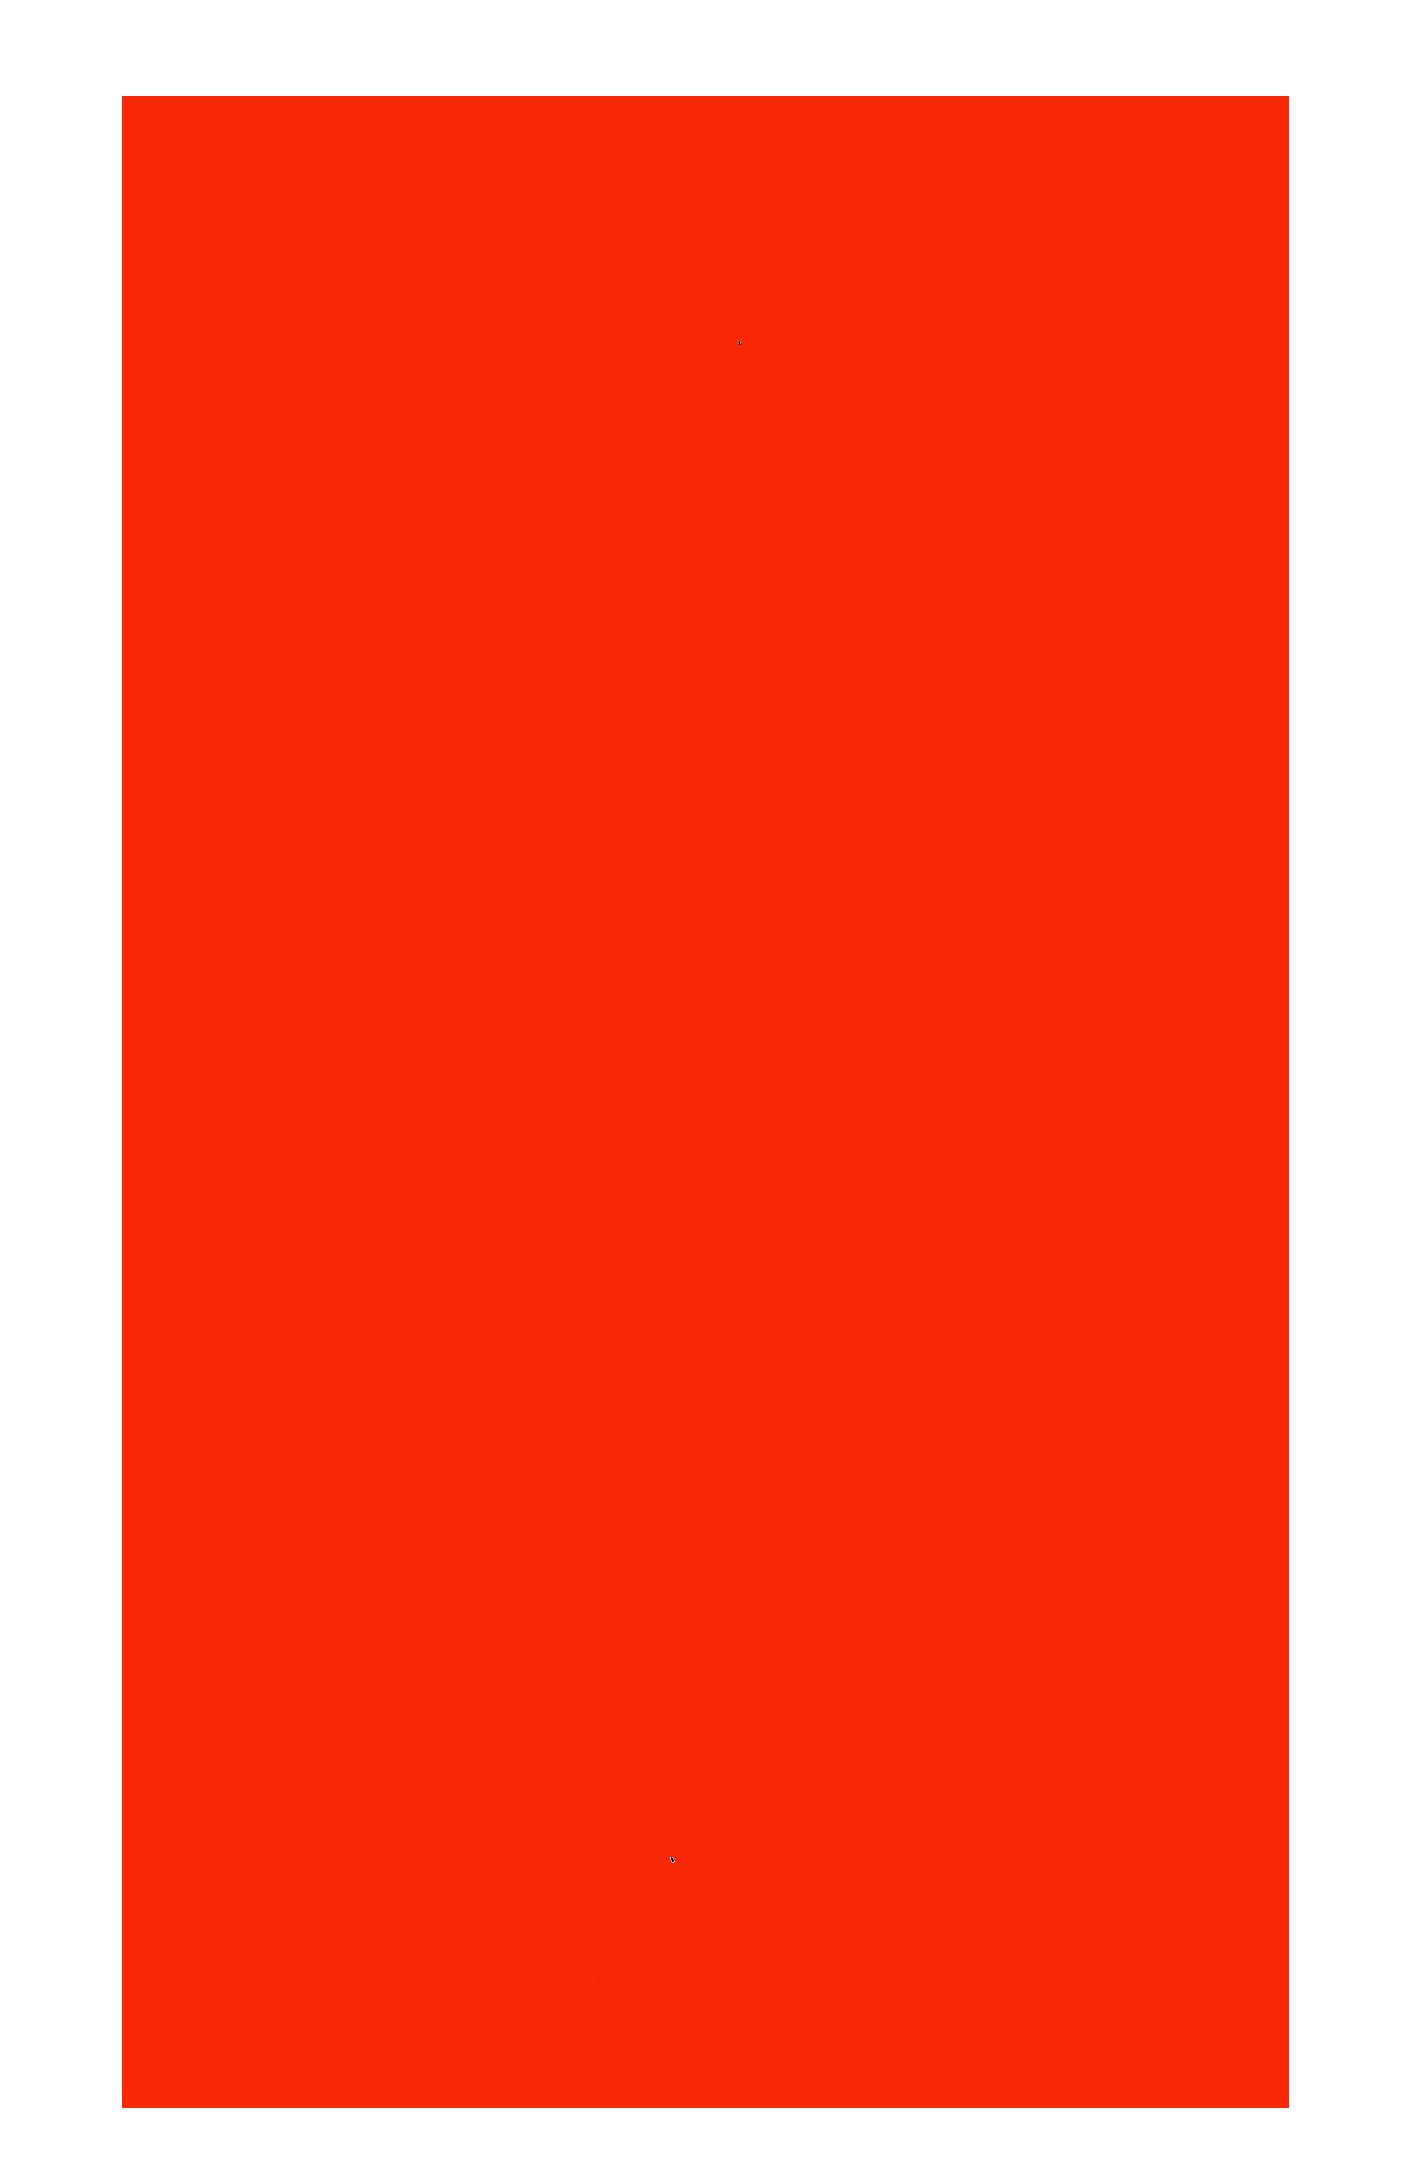 Scarlet Imprint